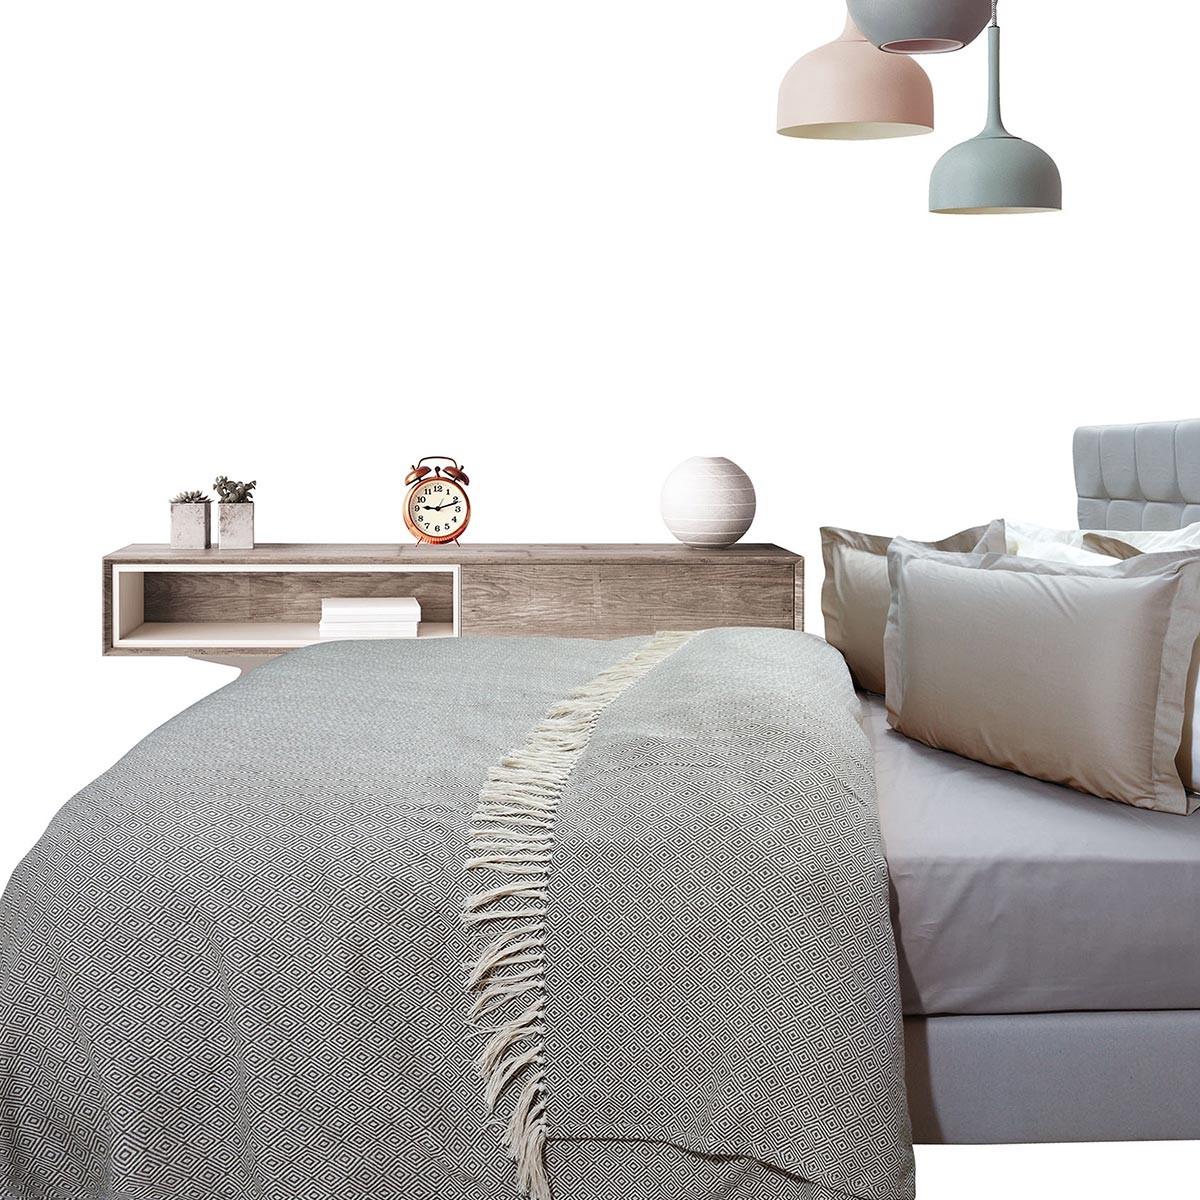 Κουβερτόριο Μονό Das Home Blanket Line Jacquard 384 66685